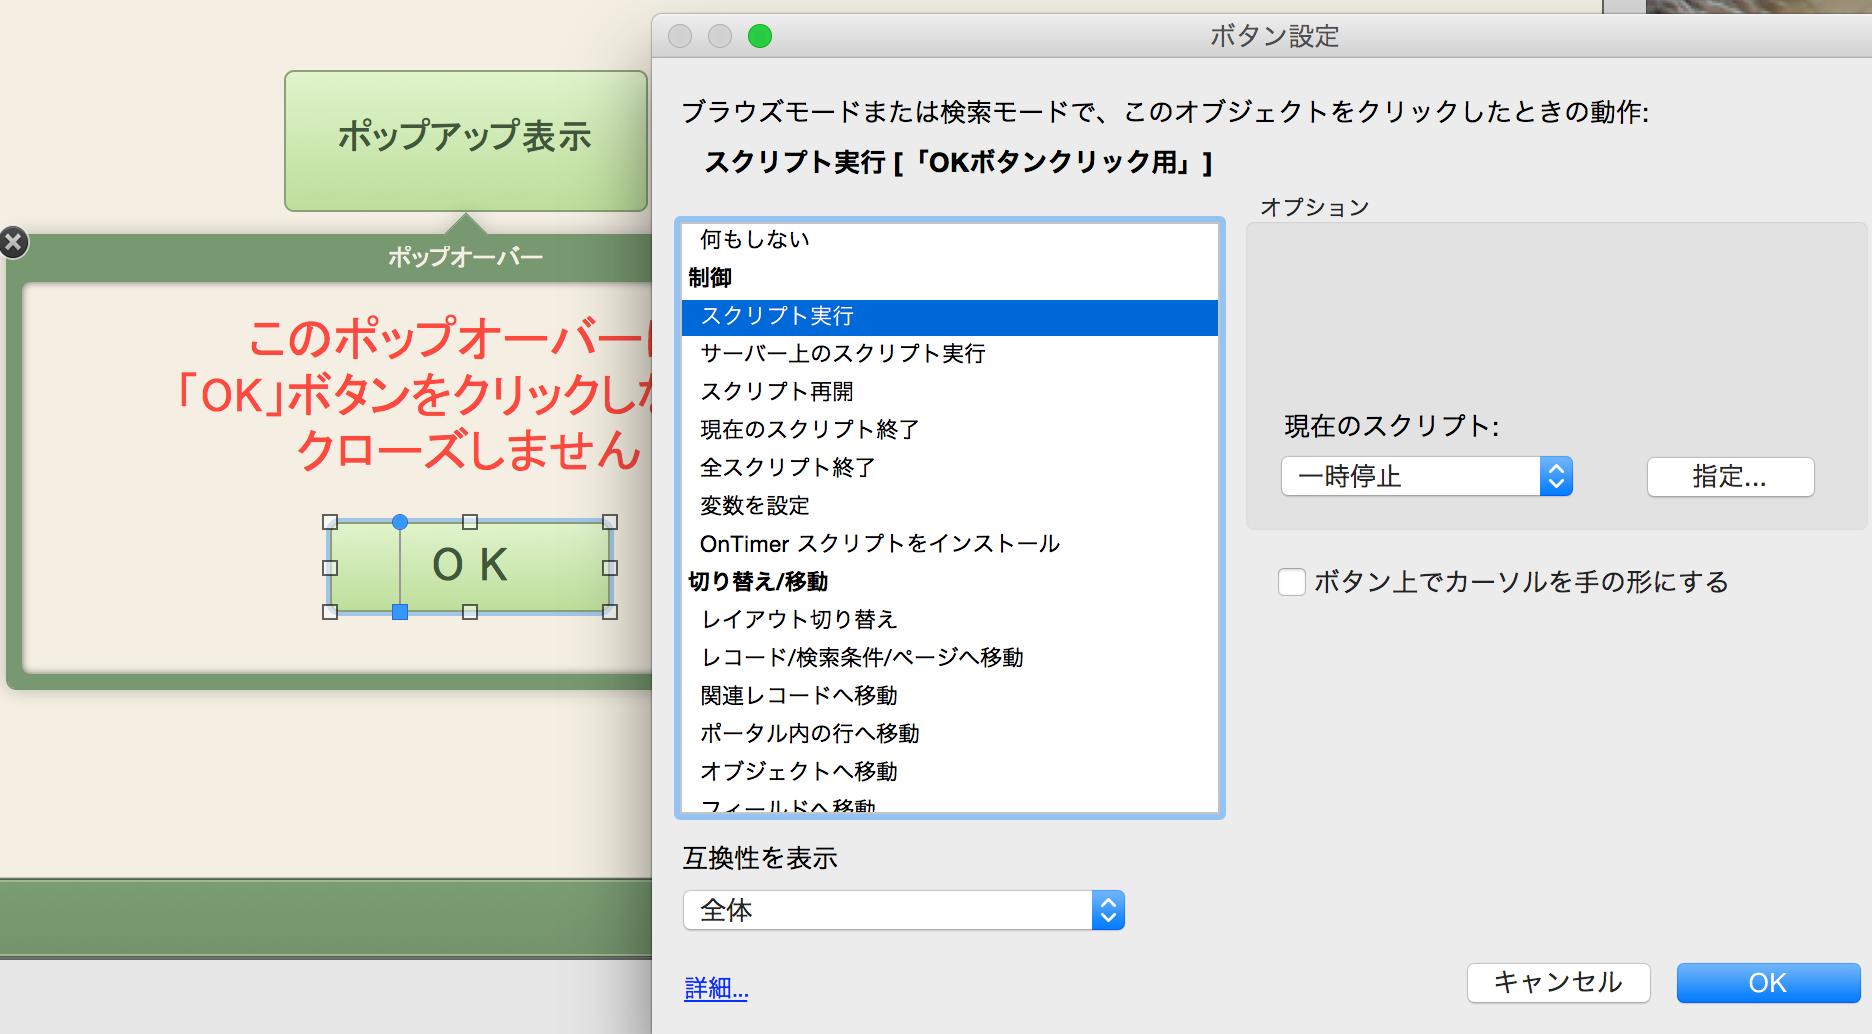 OKボタンの設定.png